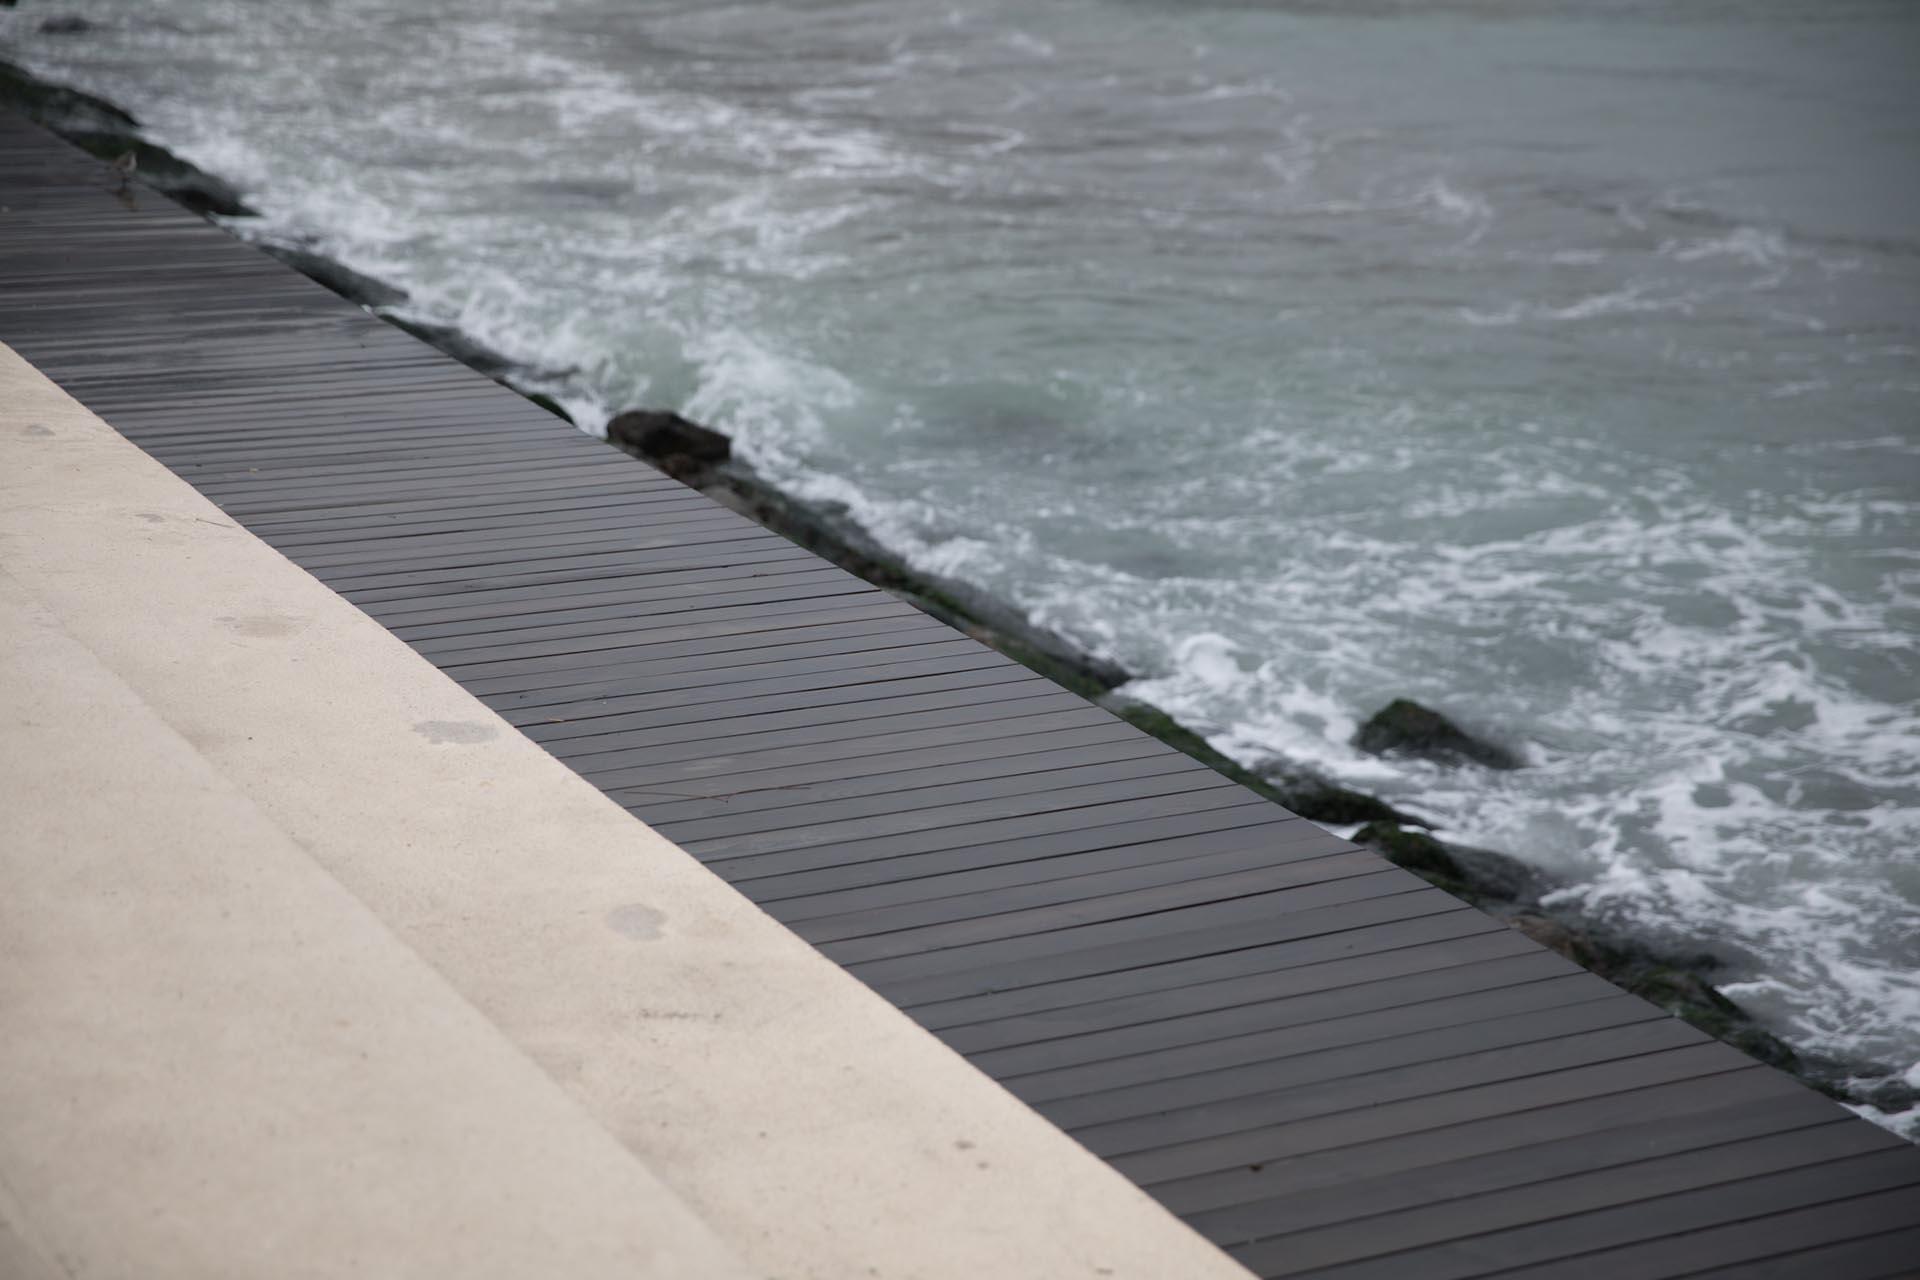 Oturma Duvarı, Seyir Alanı Yakın Açı